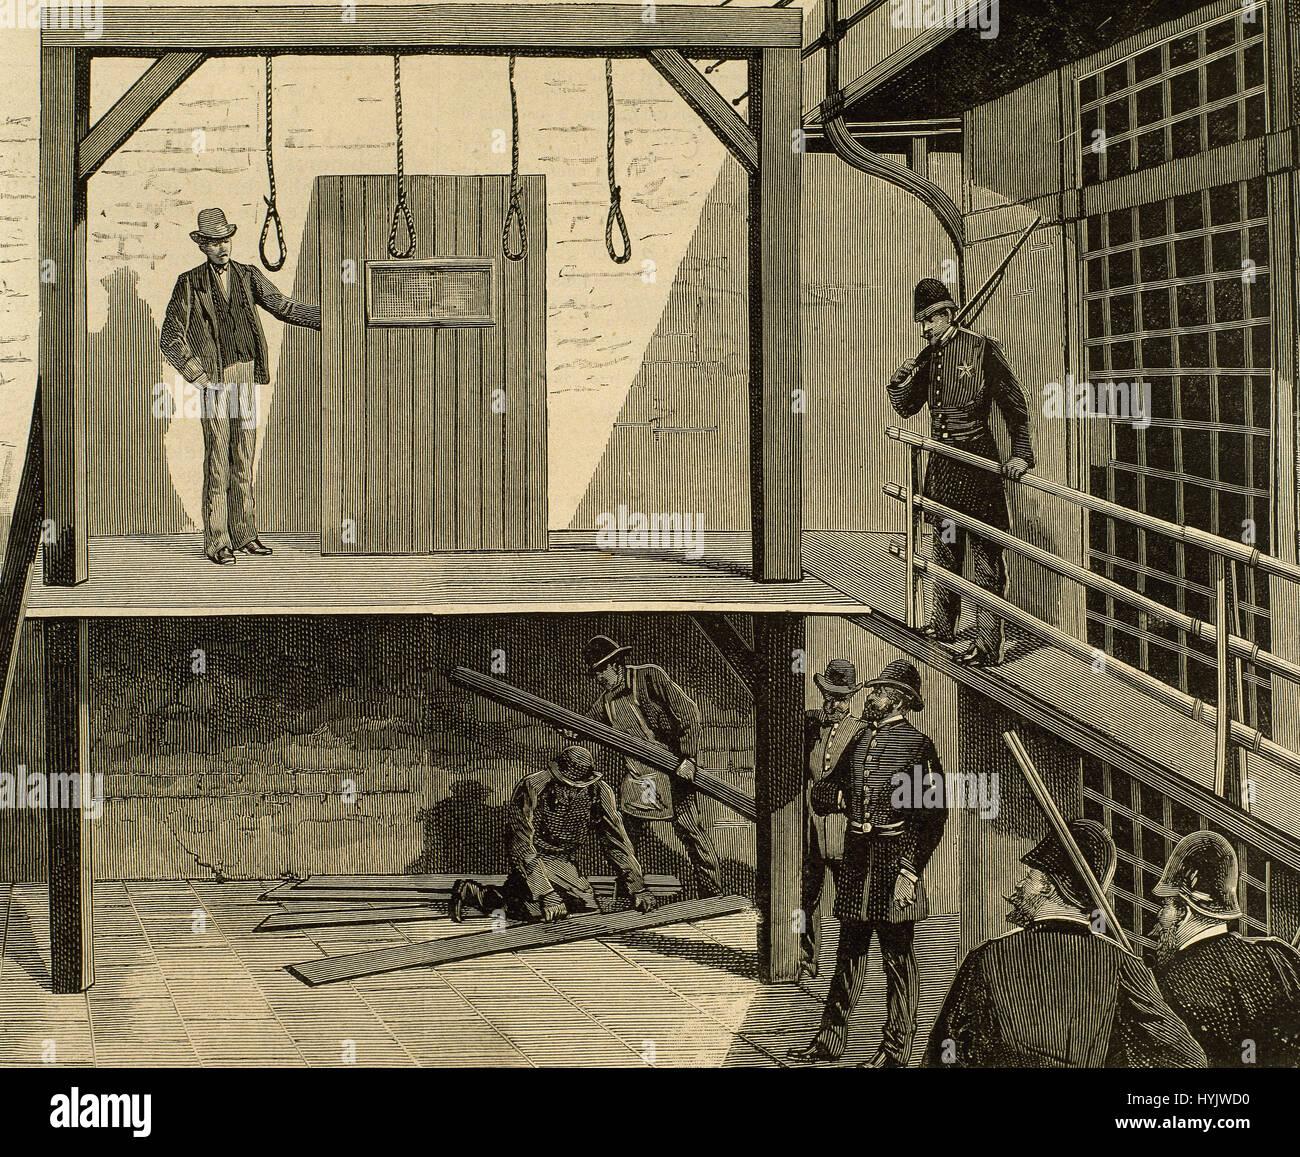 USA. des 19. Jahrhunderts. Vorbereitung der Hinrichtung durch den Strang der vier Chicago Anarchisten August Spies, Stockbild